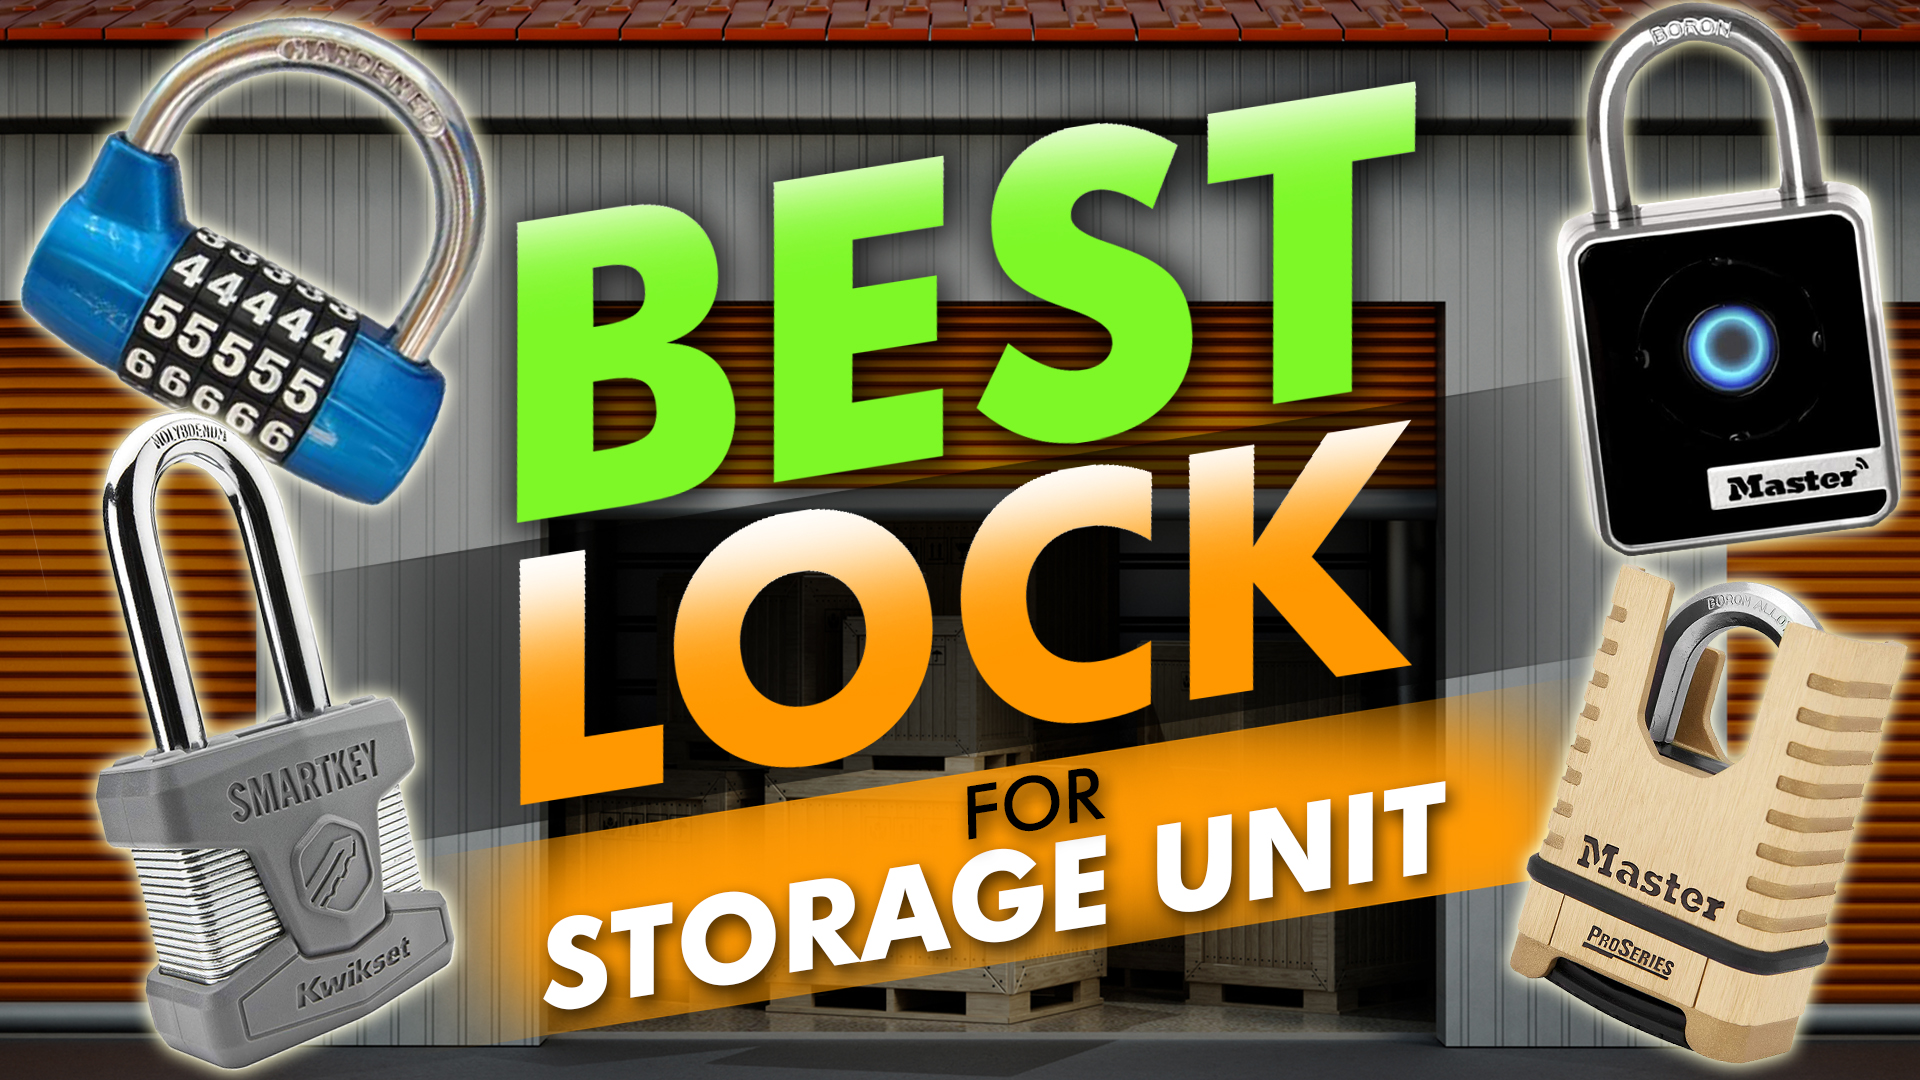 Best Lock For Storage Unit